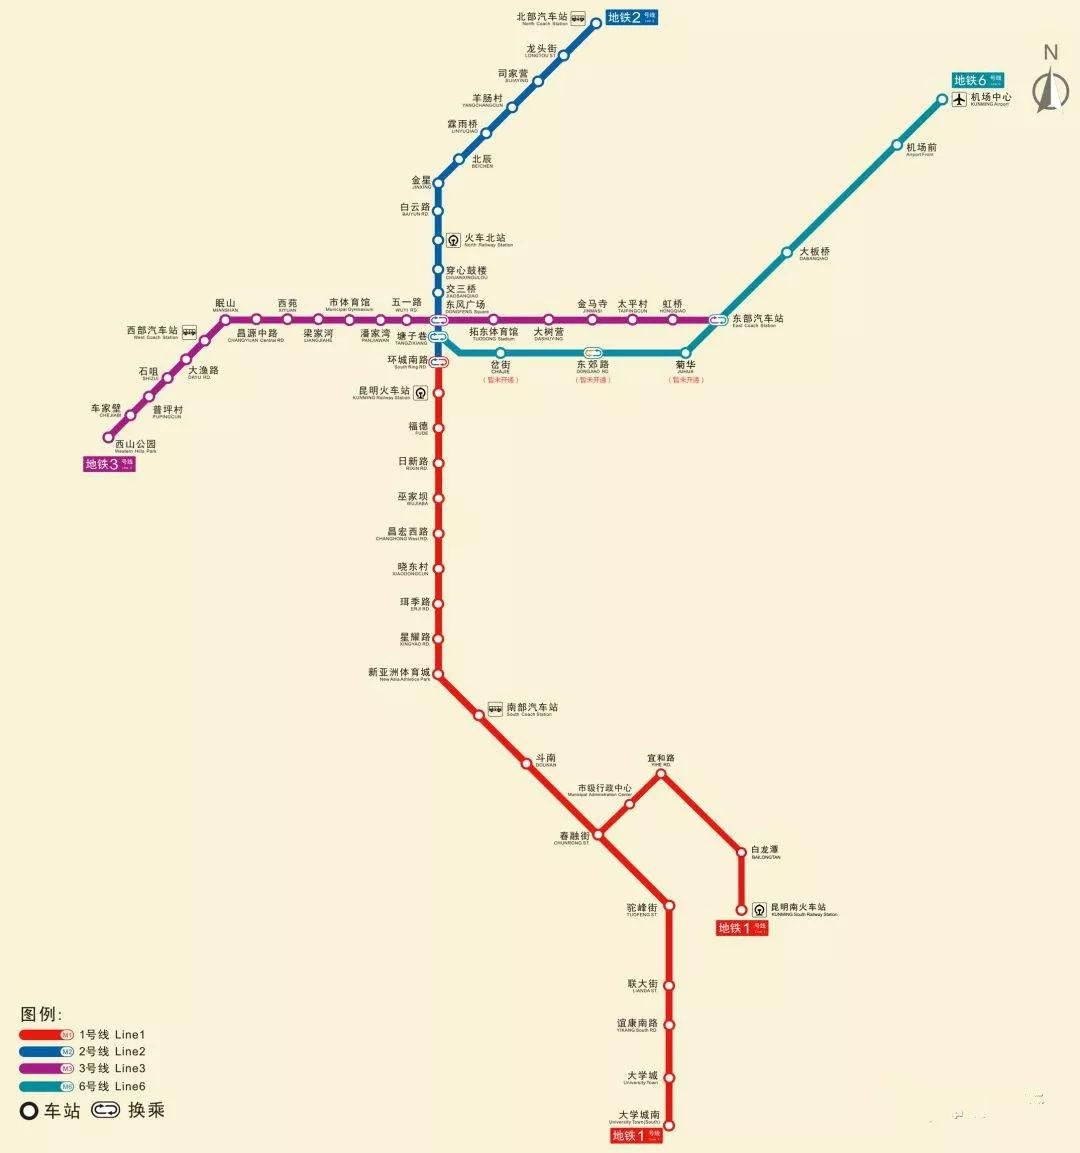 春融街地铁站B口公交车站-城际分类网